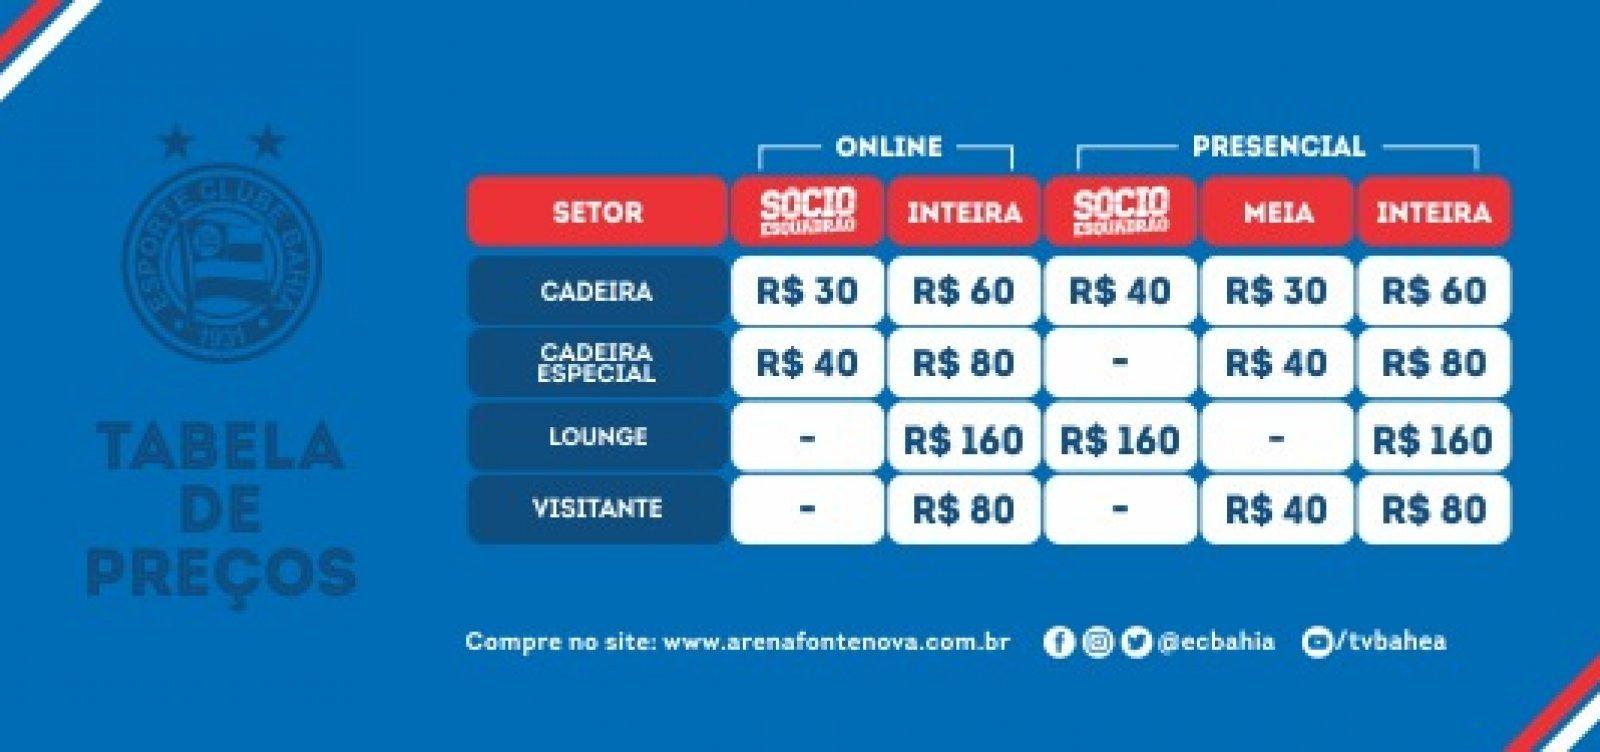 Bahia inicia venda de ingressos para jogo contra a Chapecoense